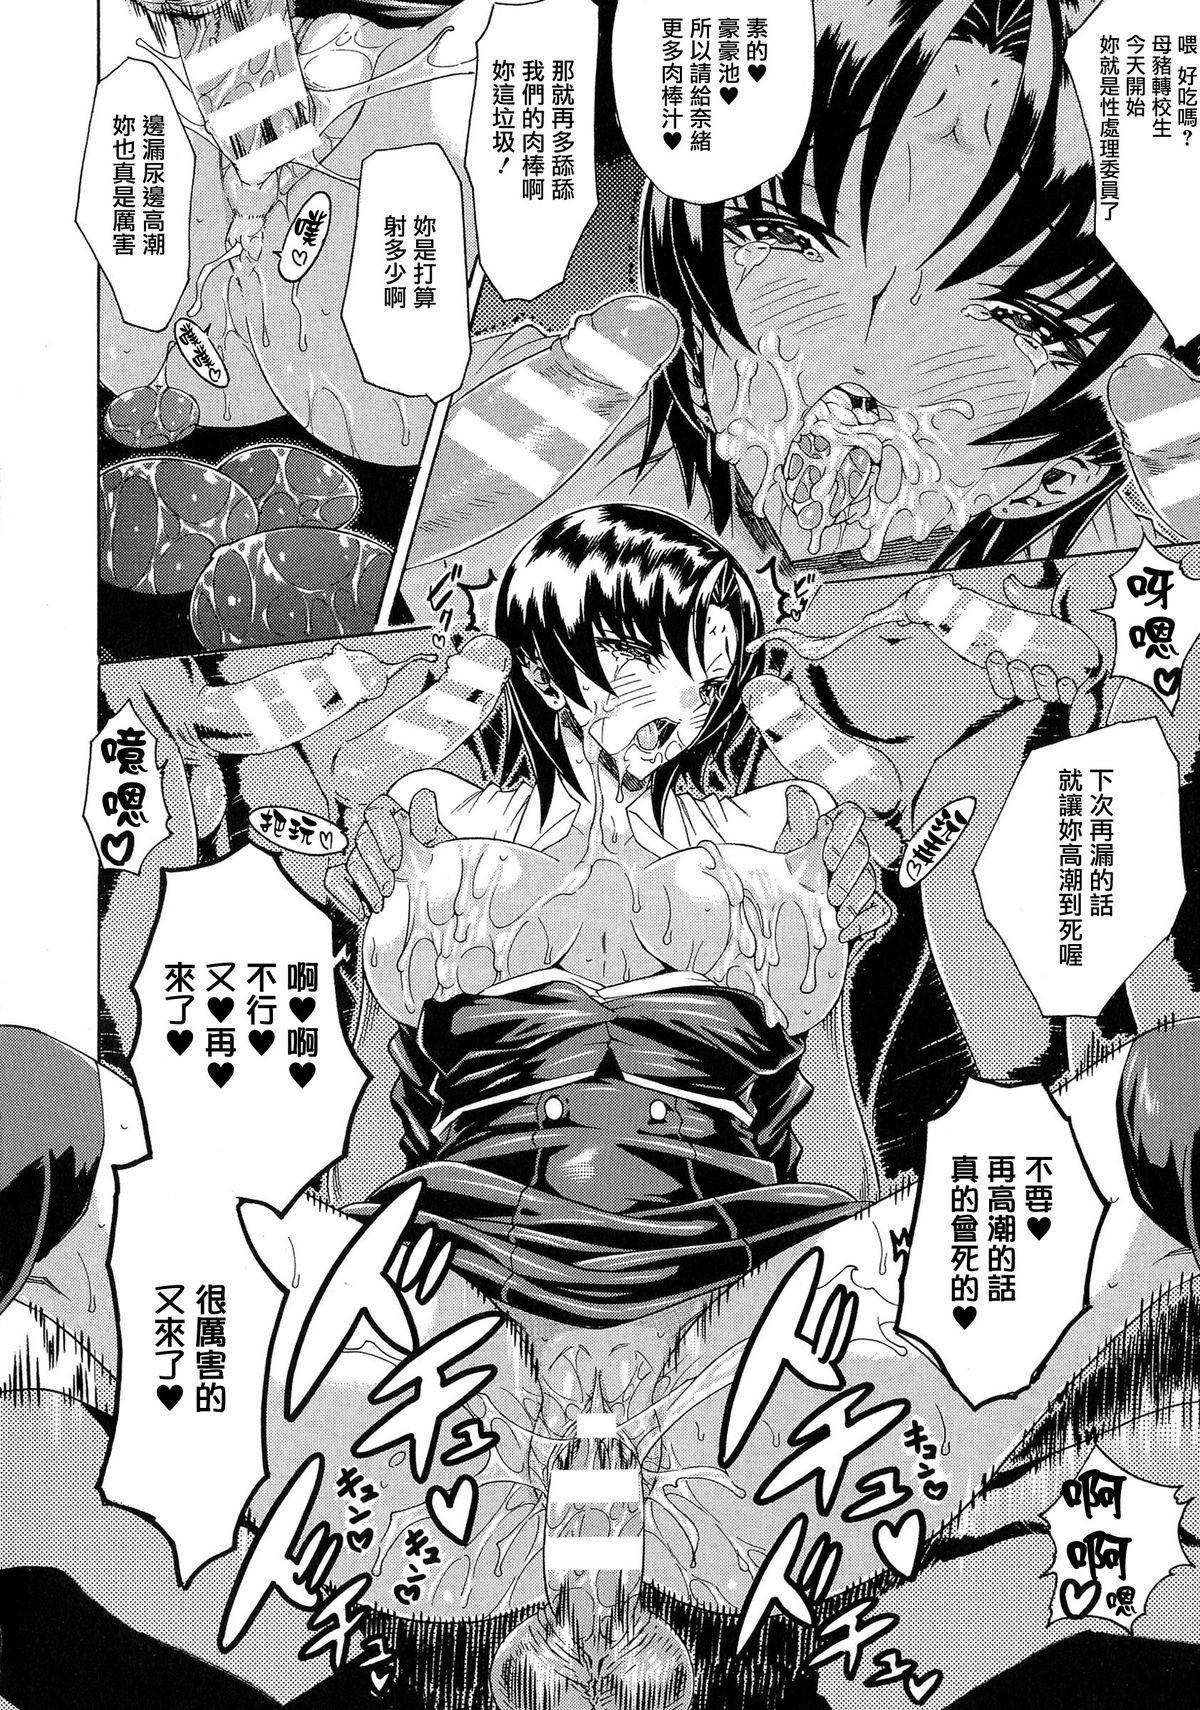 Kachiki na Onna ga Buzama na Ahegao o Sarasu Made 120